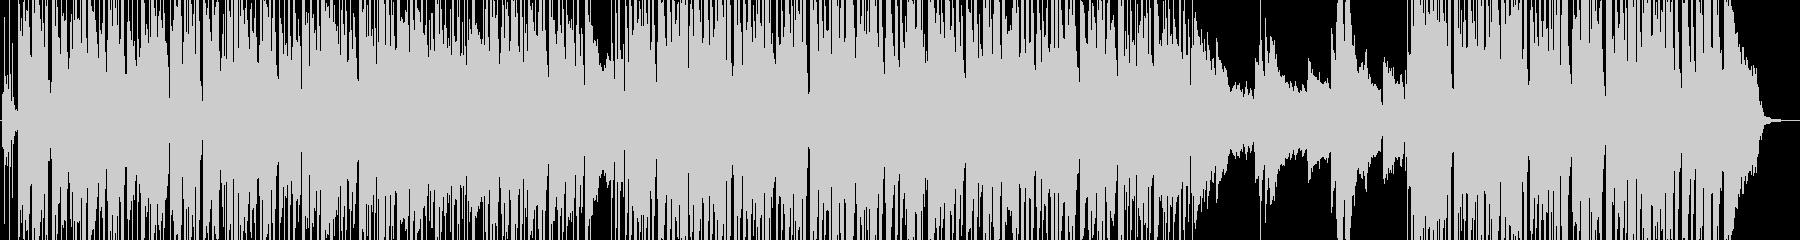 サラサラ ジャズ ゆっくり 魅惑 ...の未再生の波形